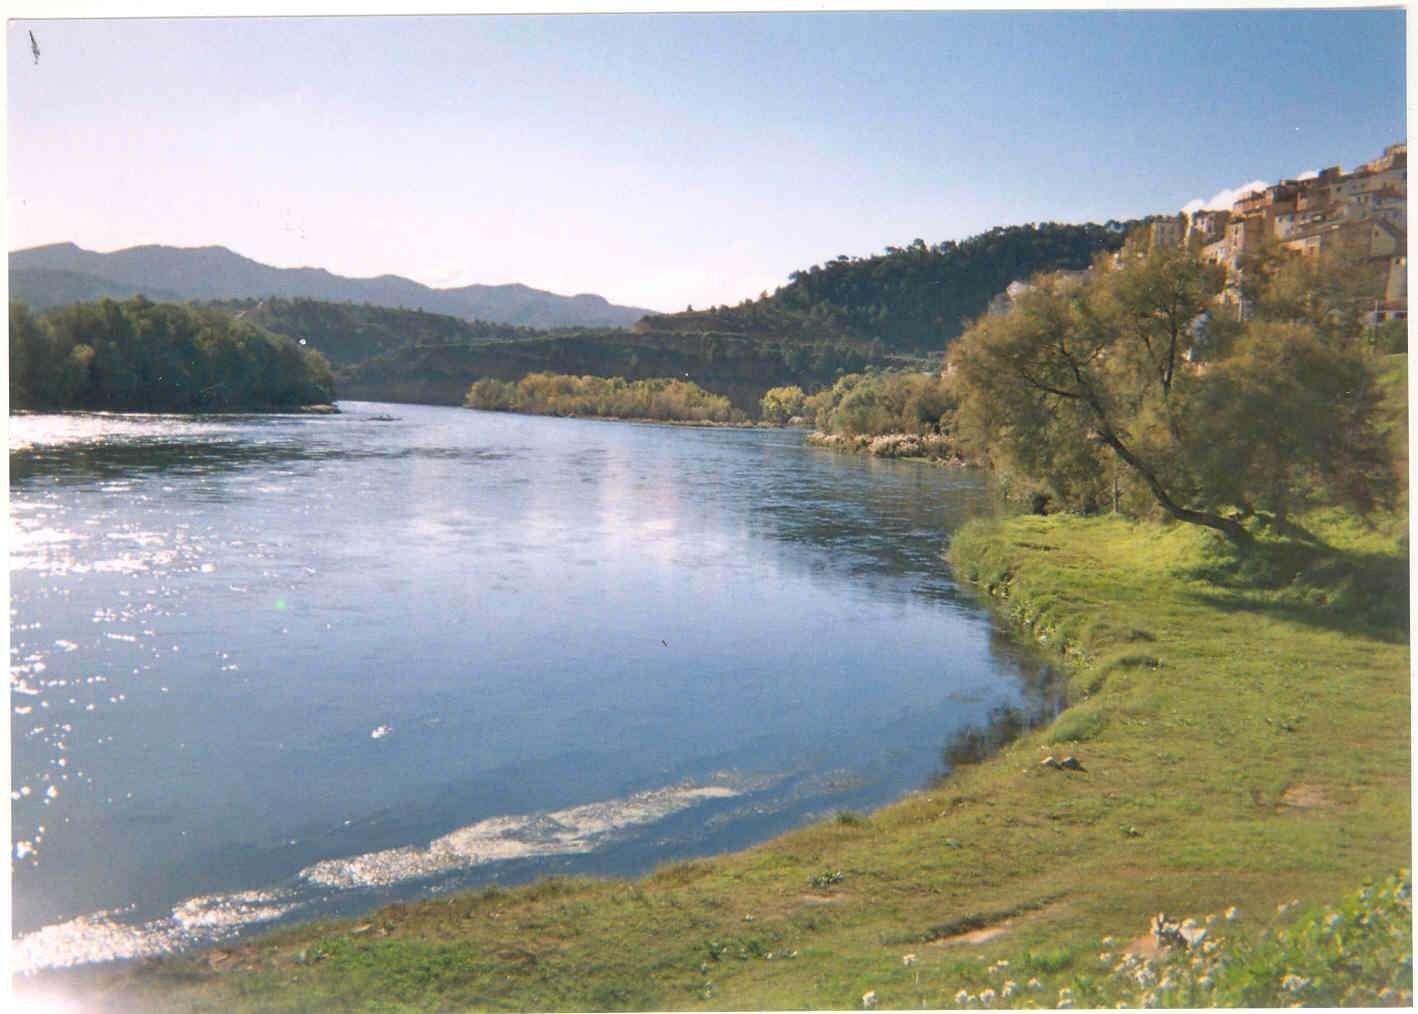 ¿Cuál es el río más caudaloso de España?